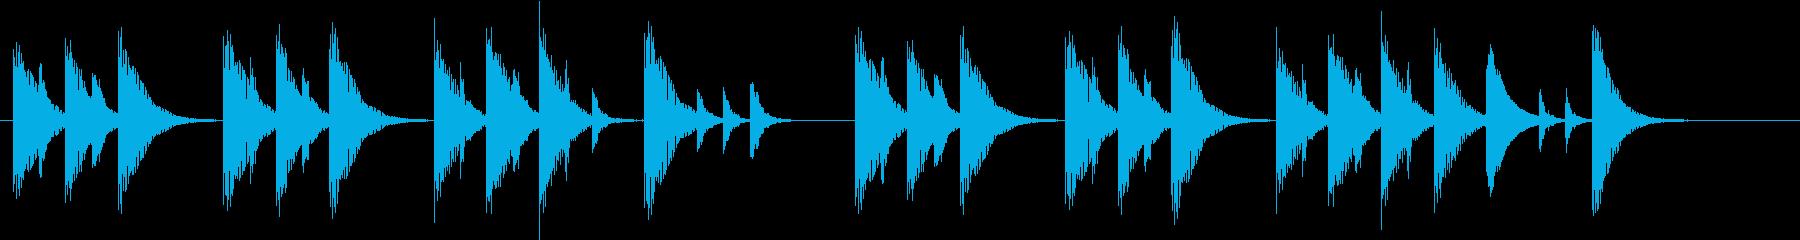 木琴で作ったコミカルで短いジングルの再生済みの波形